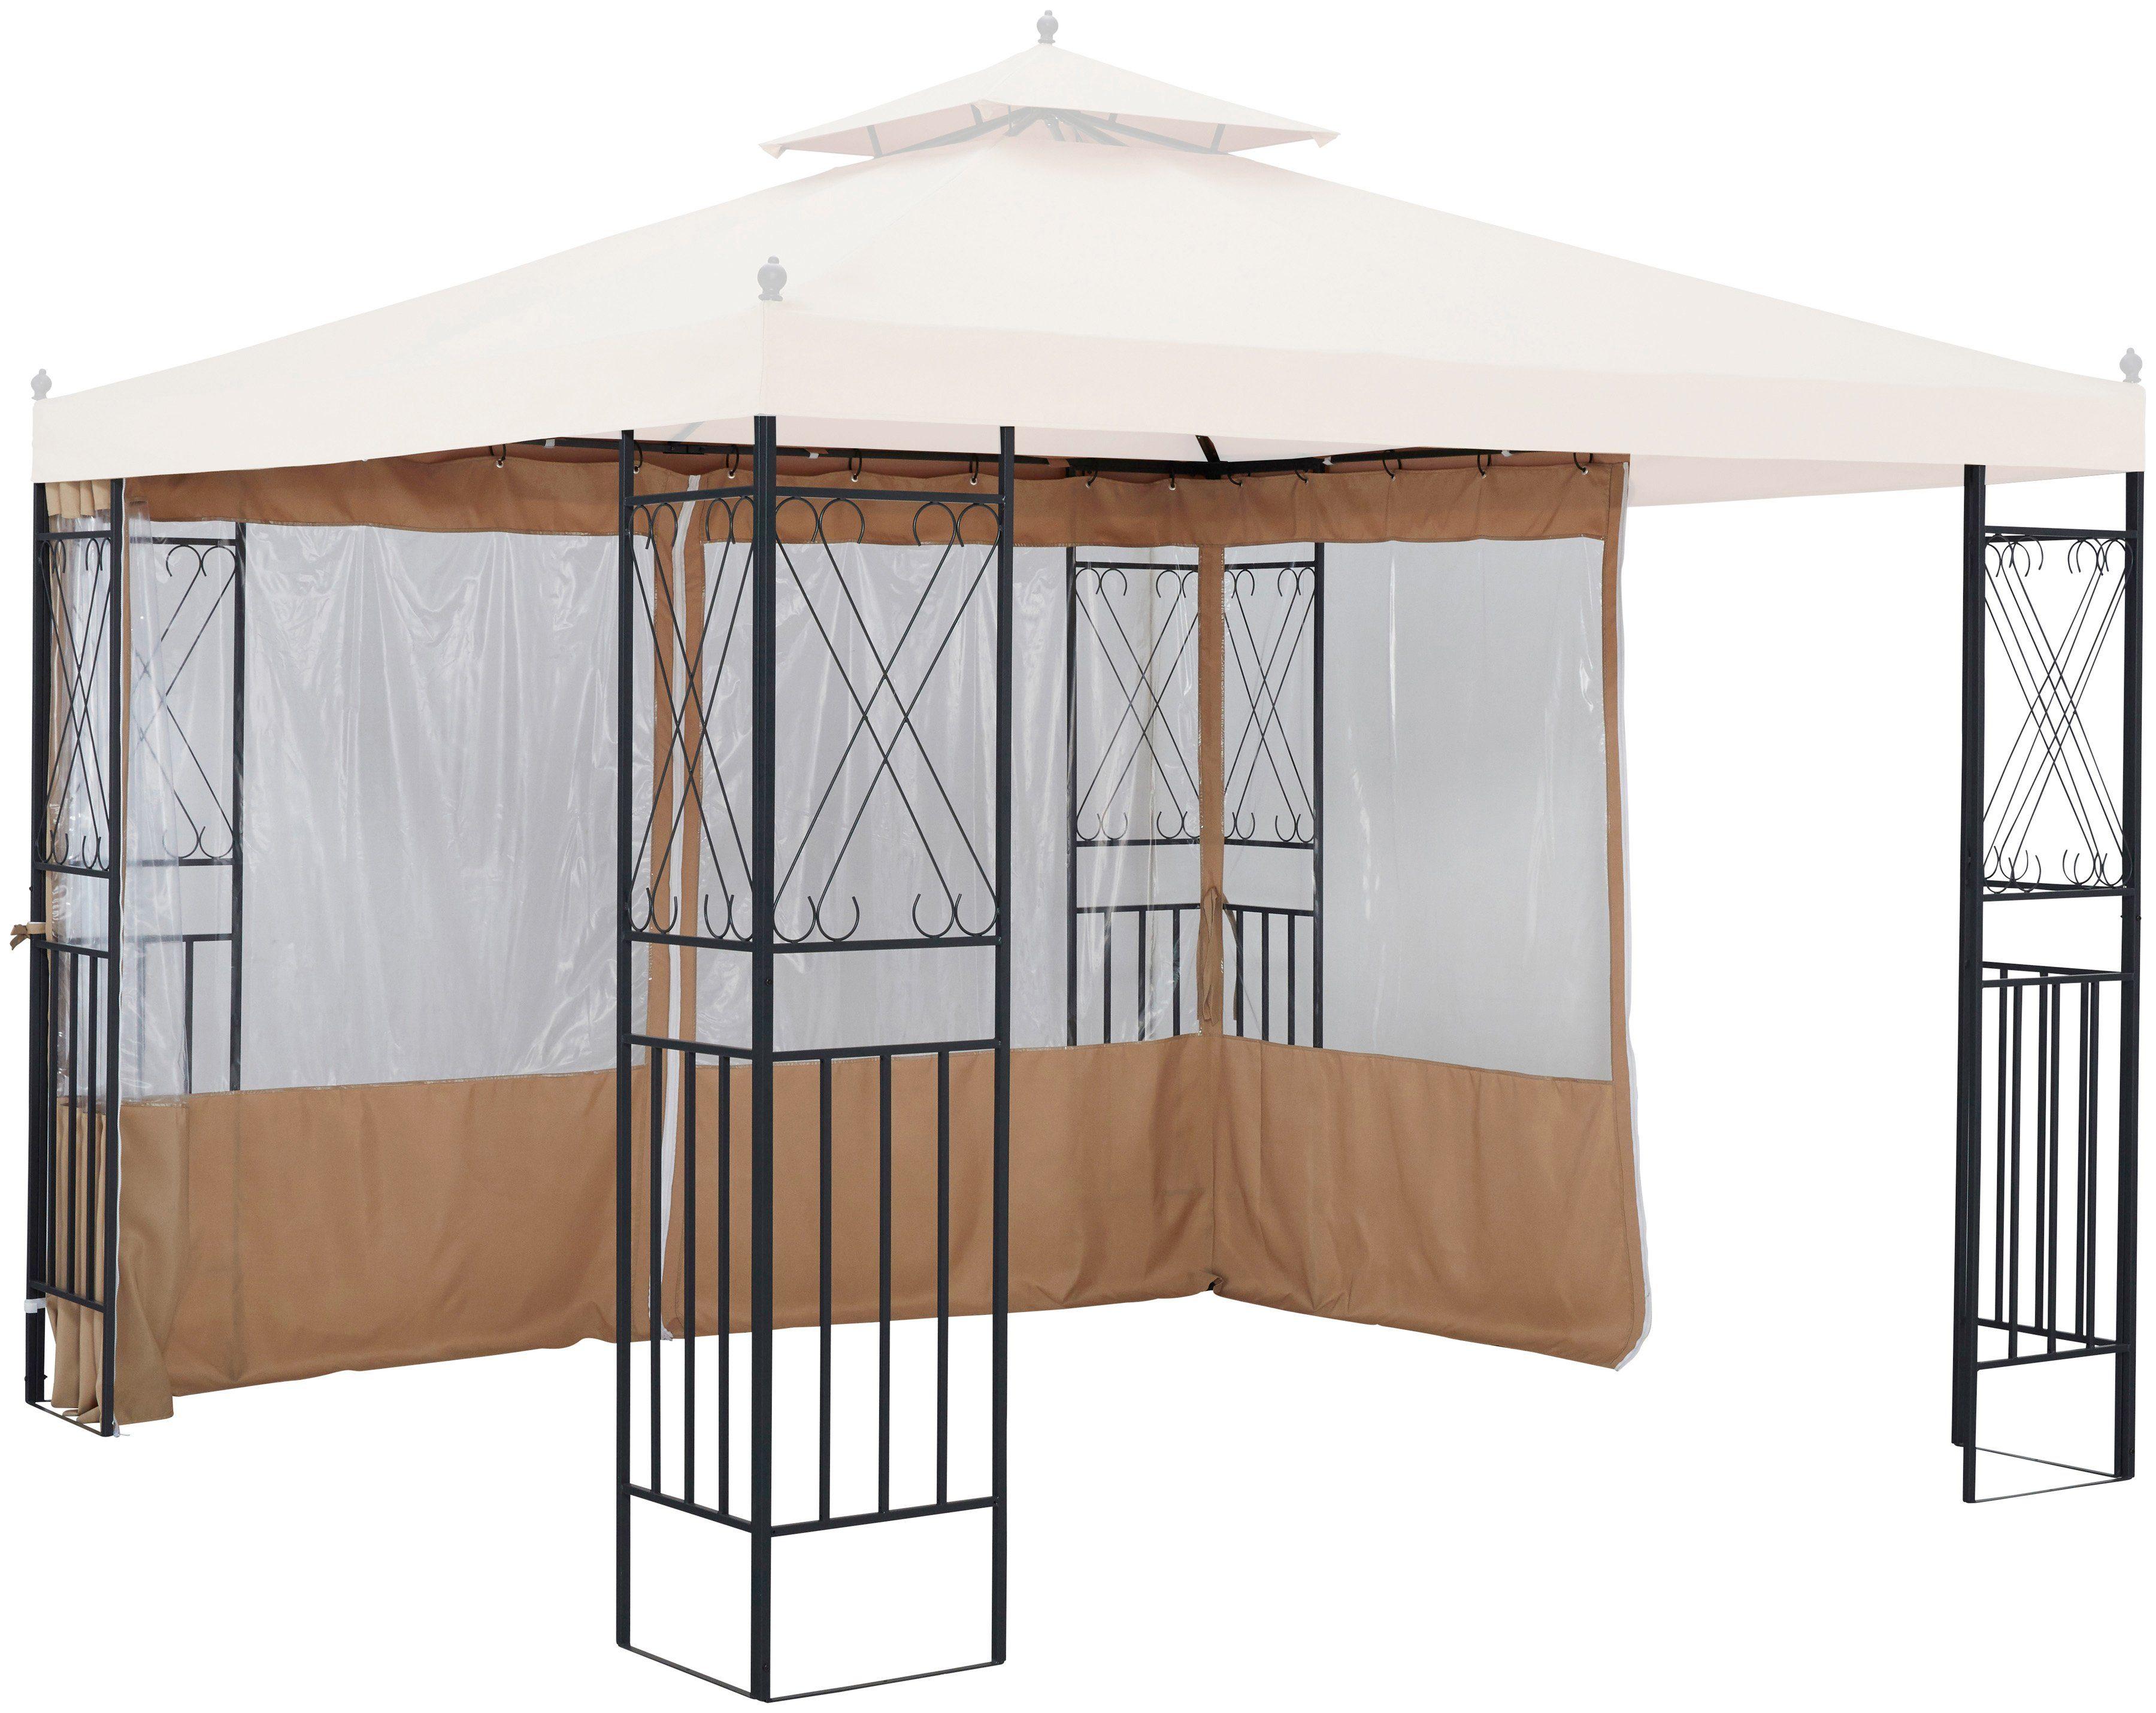 KONIFERA Seitenteile für Pavillon »Royal«, für 3x3 m, 2 Stk., mit Fenster